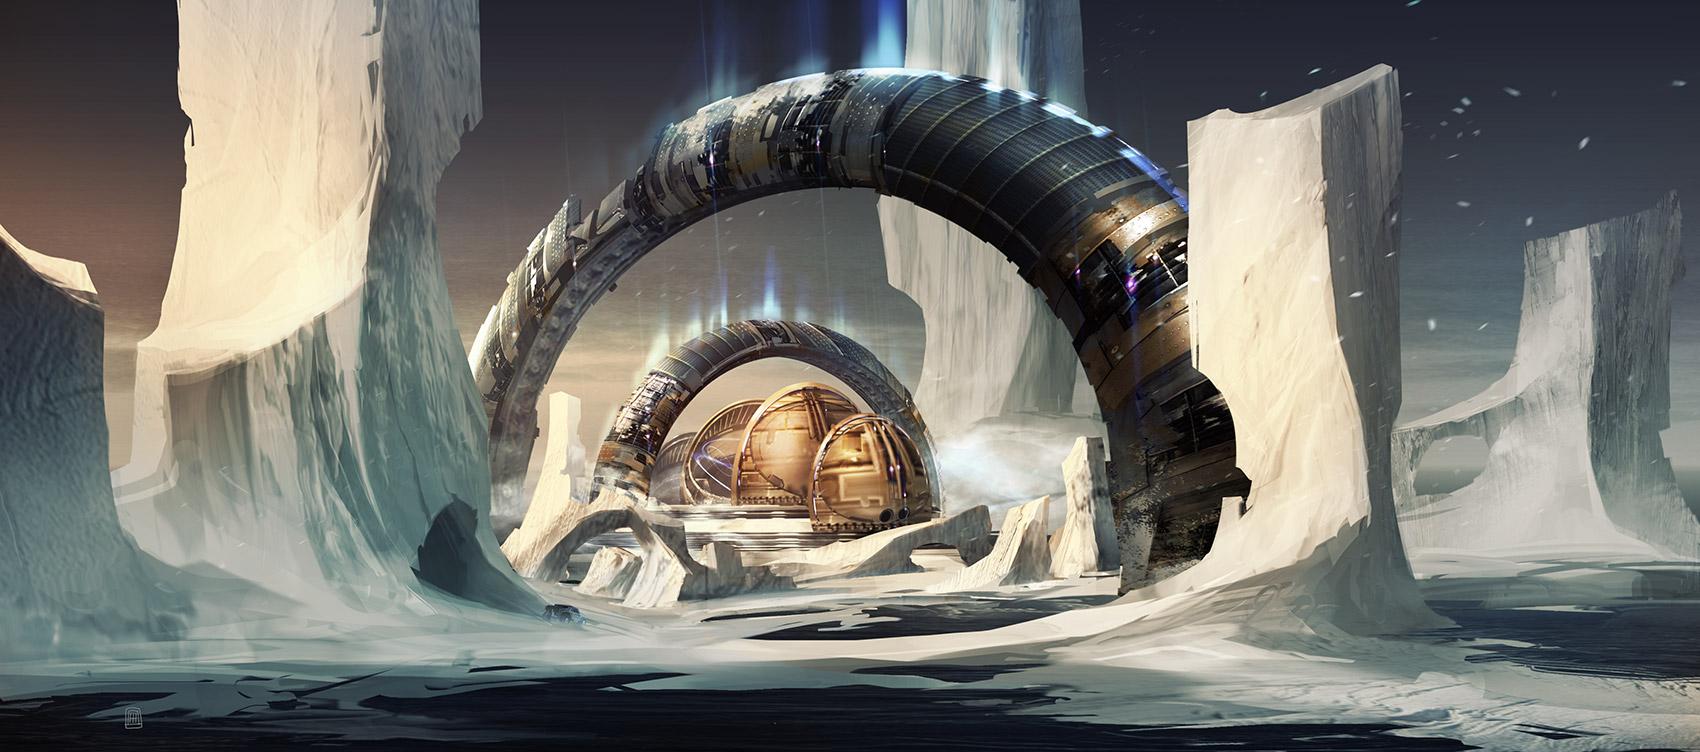 Frozen_Structure_DR_006